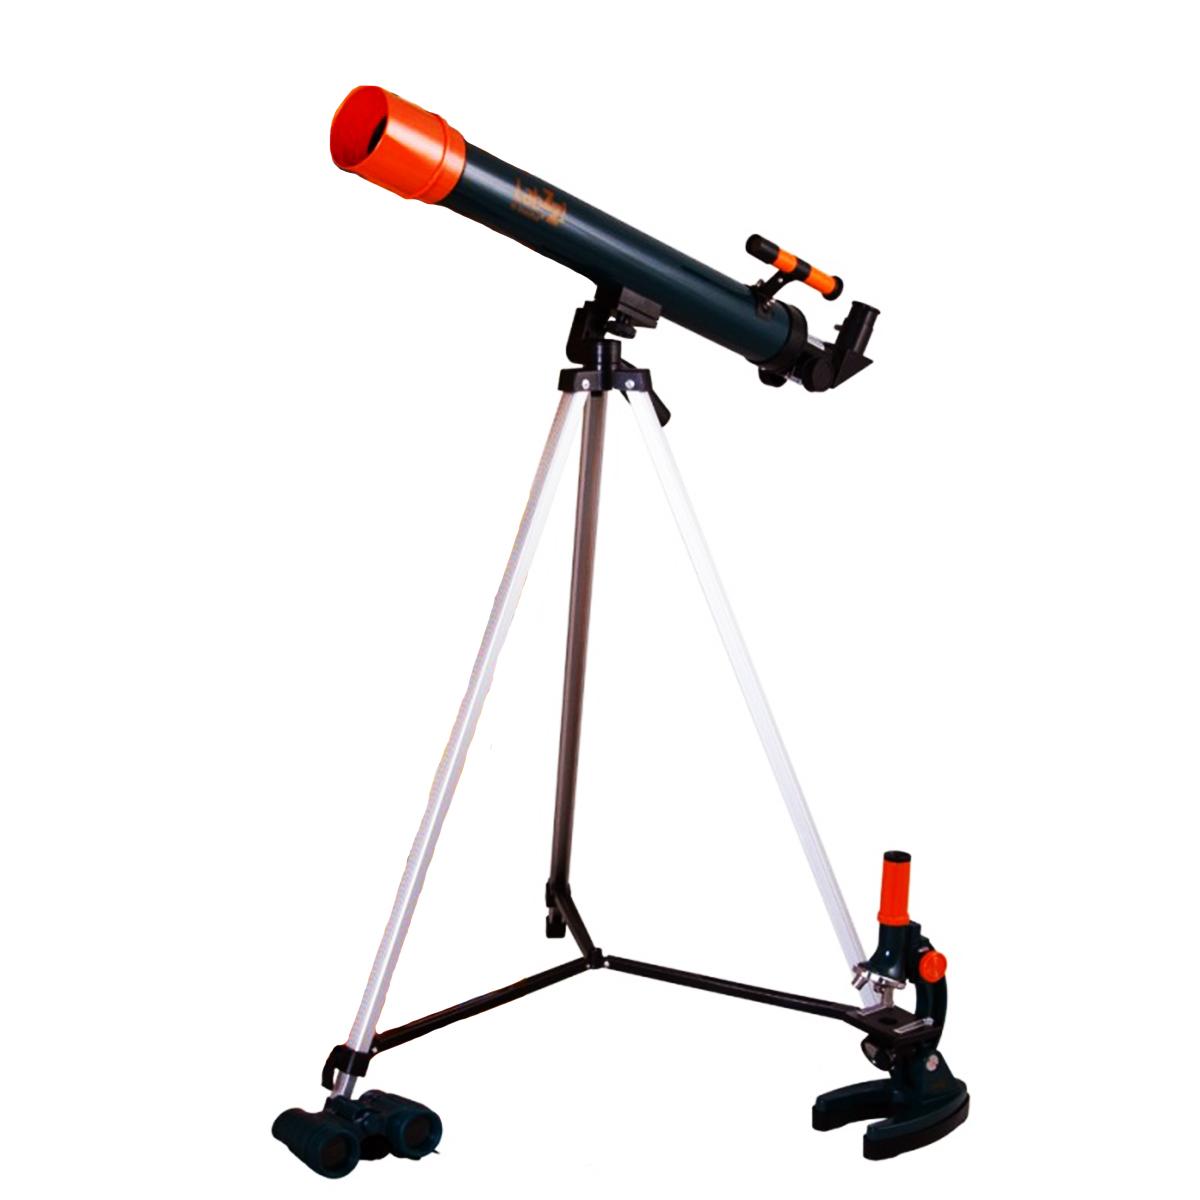 خرید اینترنتی تلسکوپ لبز کد 10140 اورجینال